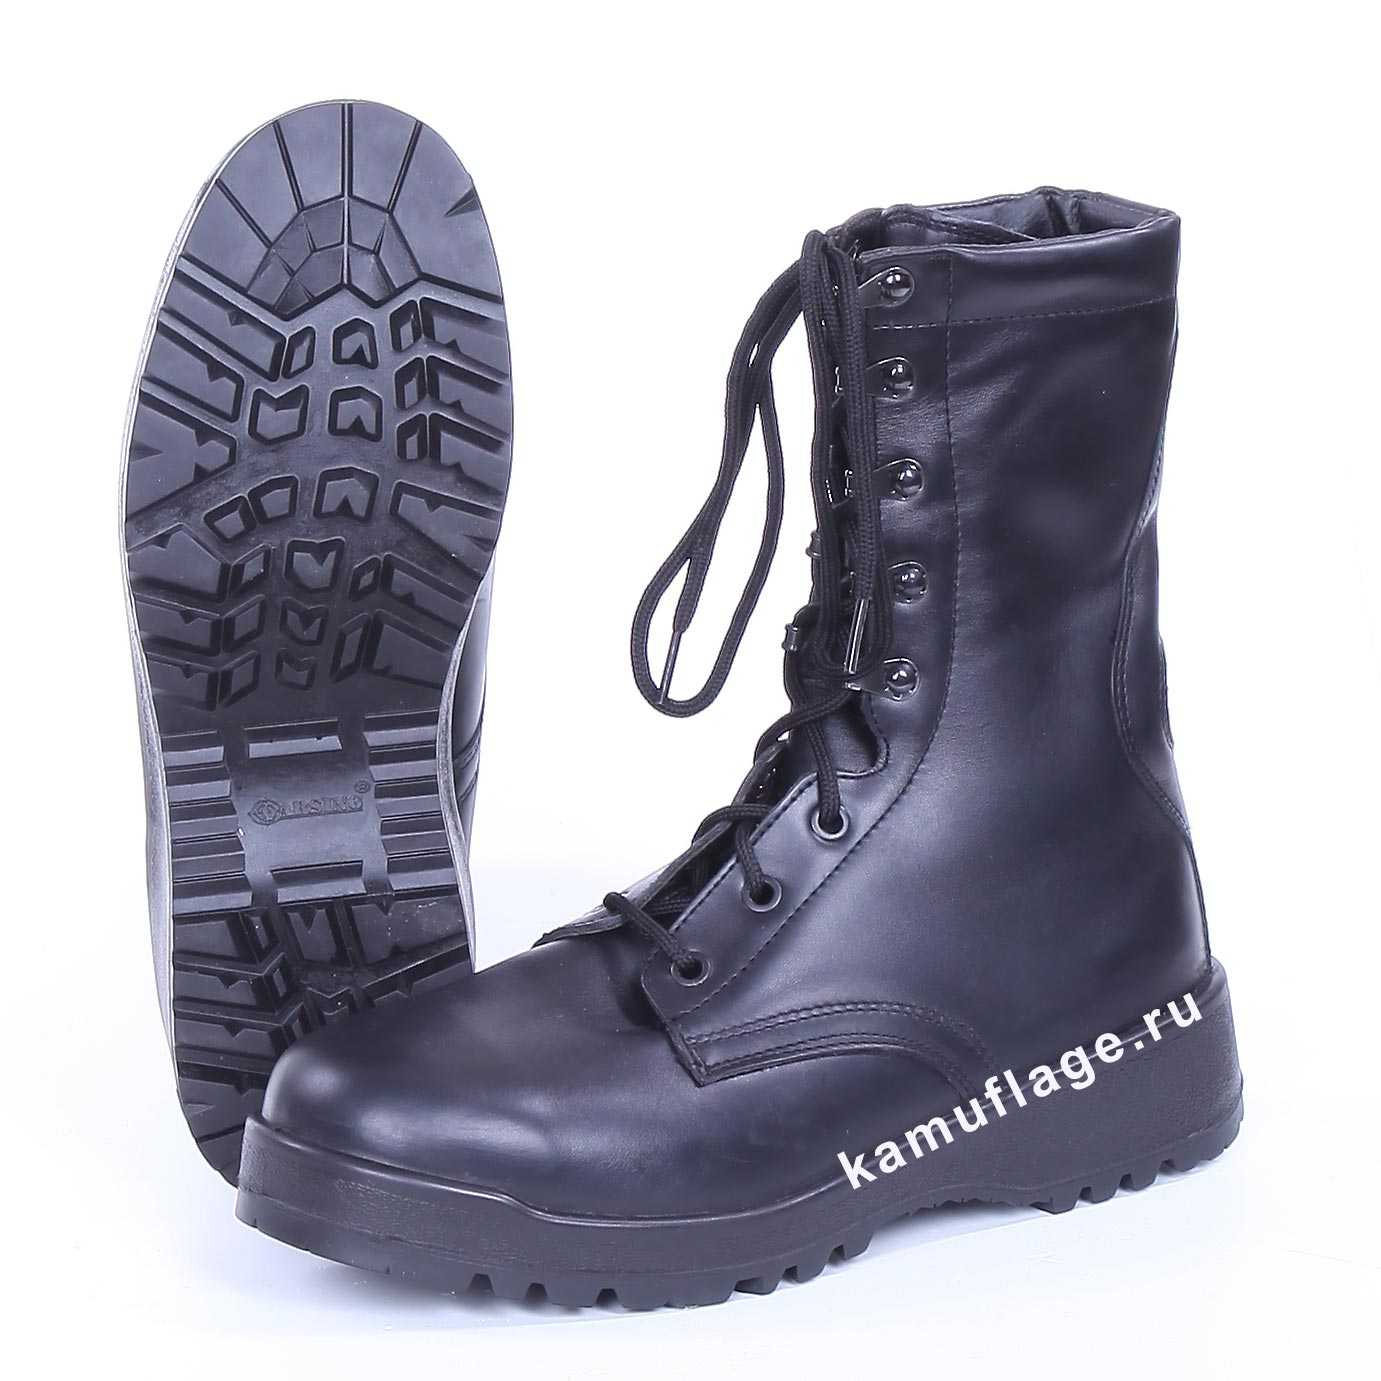 Купить Ботинки Garsing Atacker м. 501106 шерст. мех черные